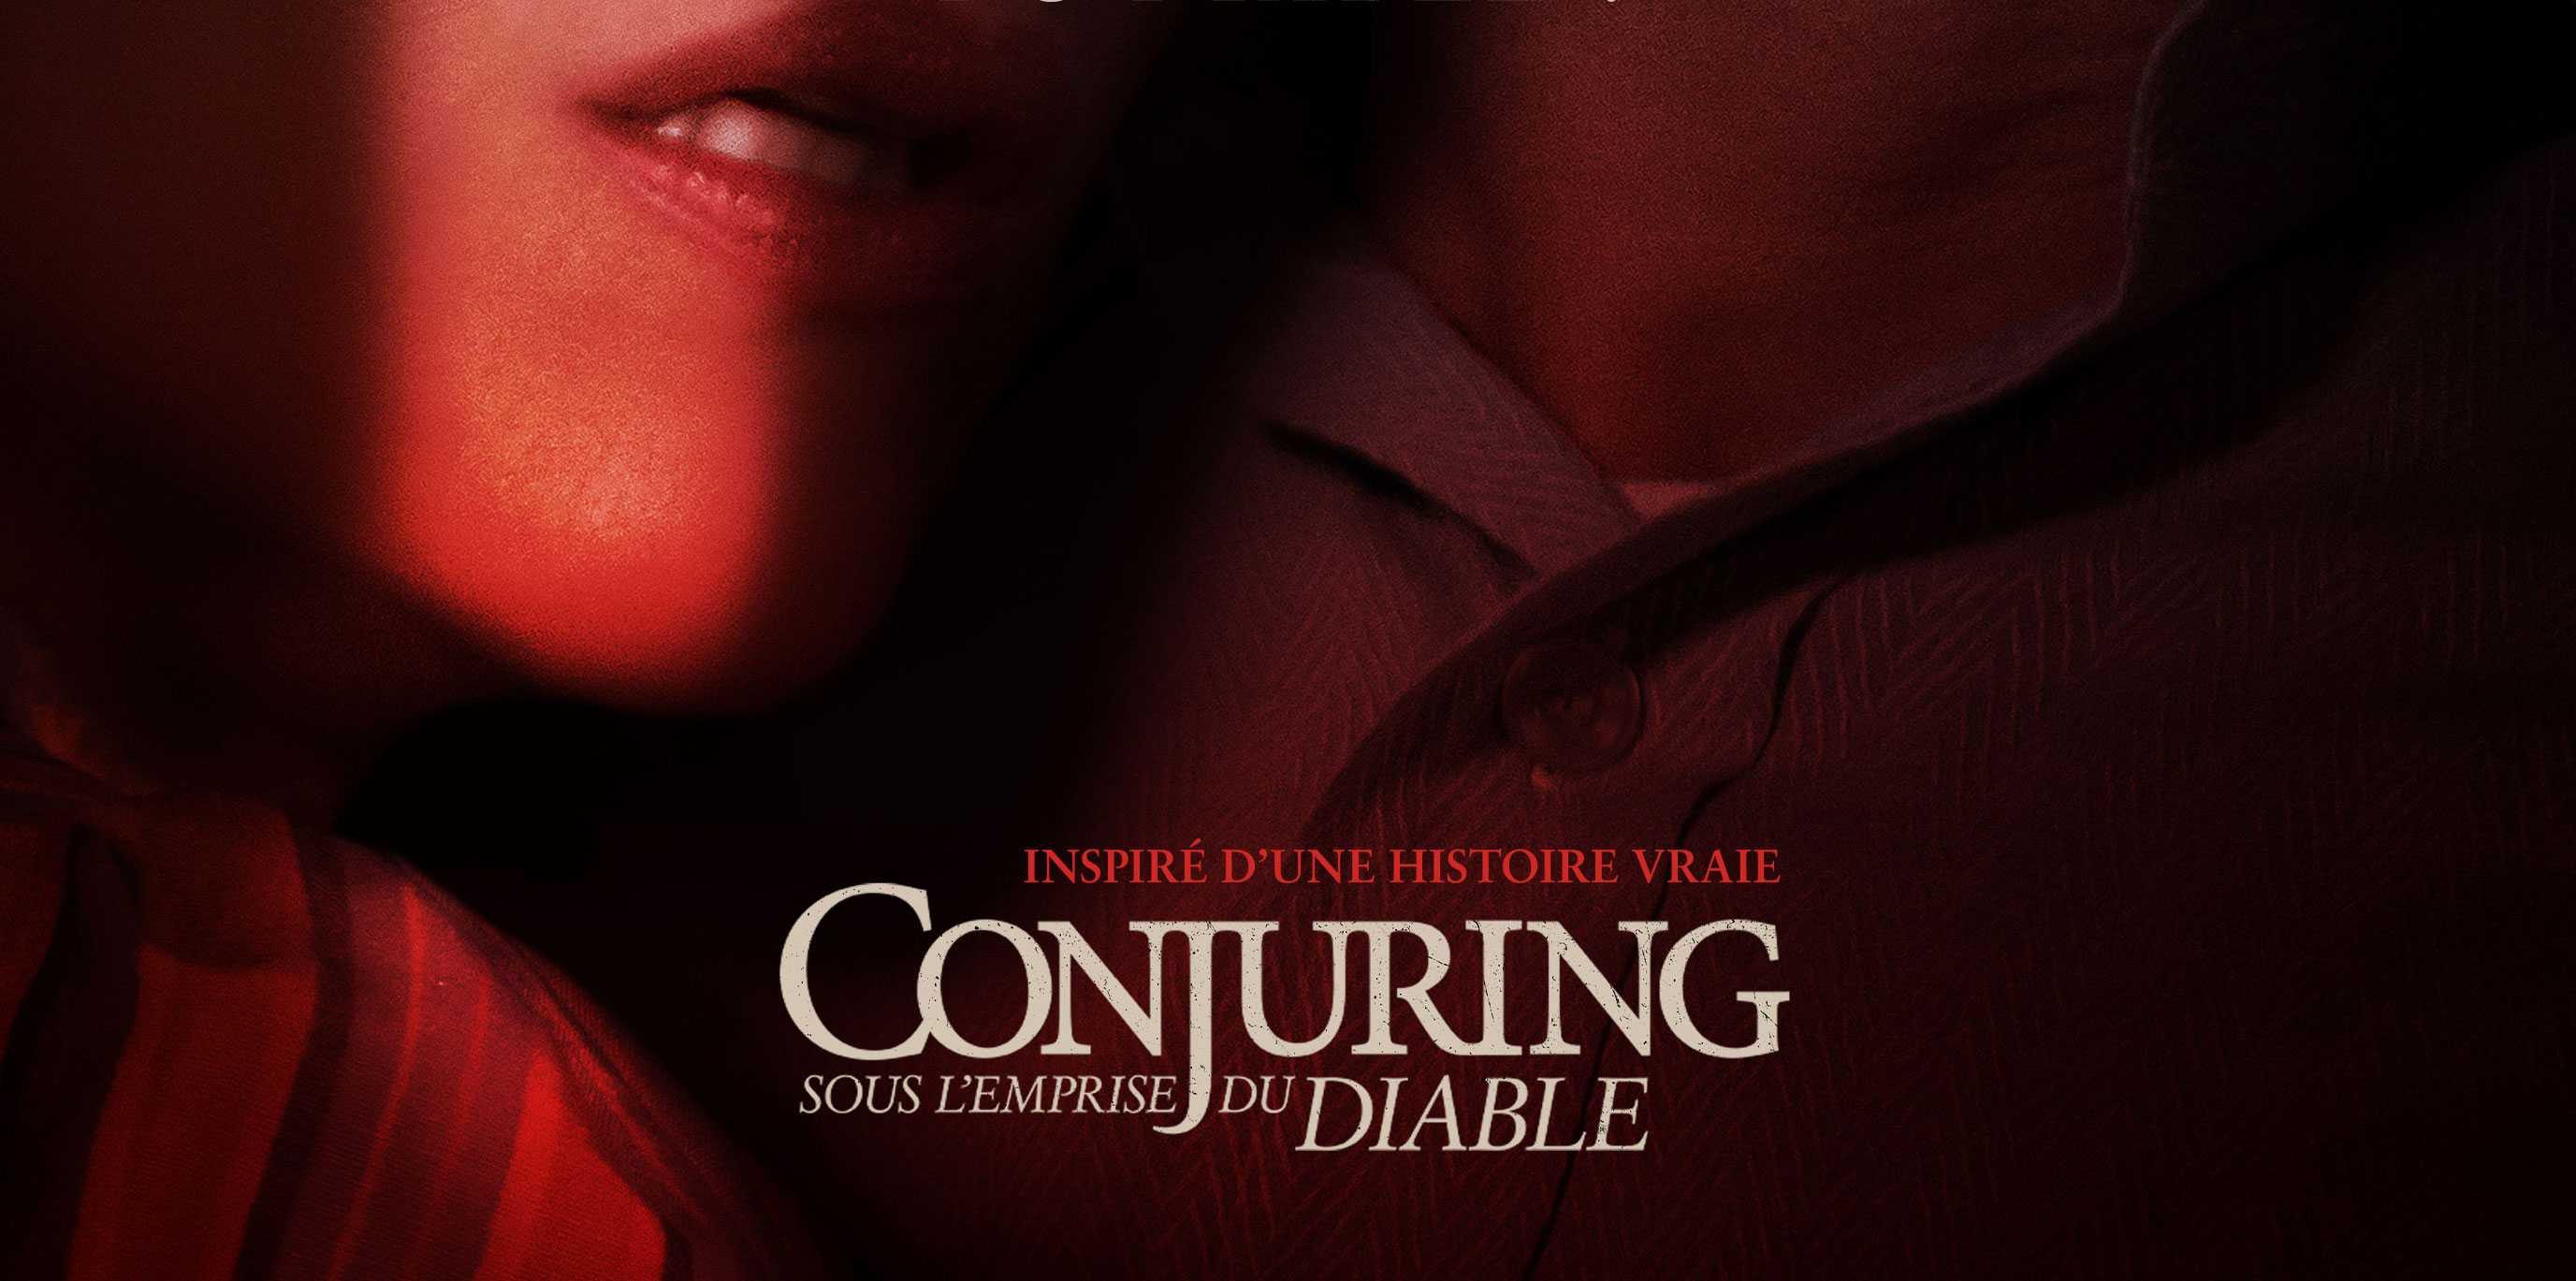 Conjuring 3 Bajo las garras del diablo: el tráiler demoníaco